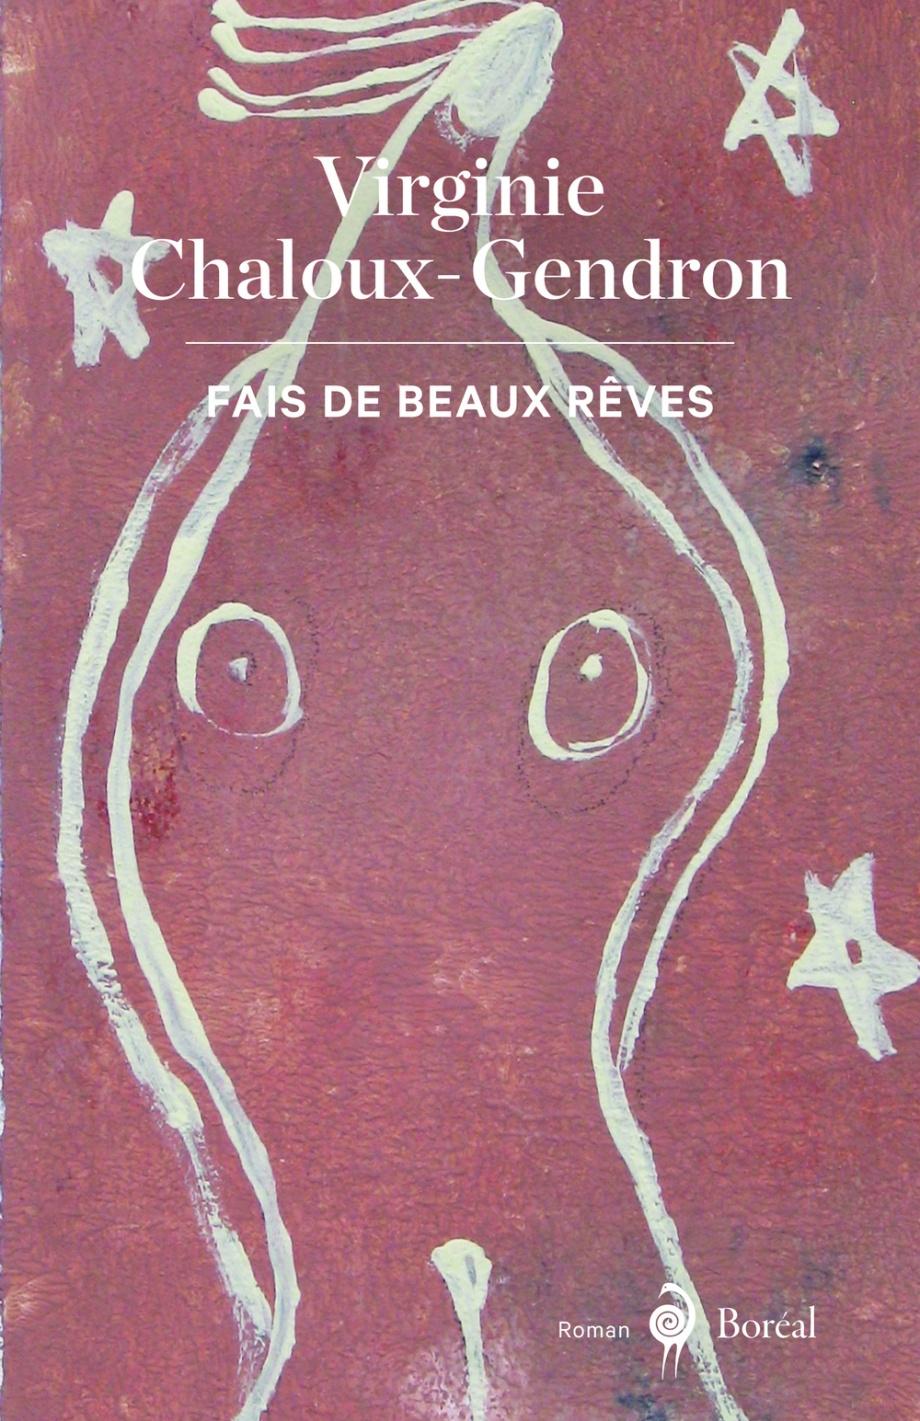 Virginie Chaloux-Gendron